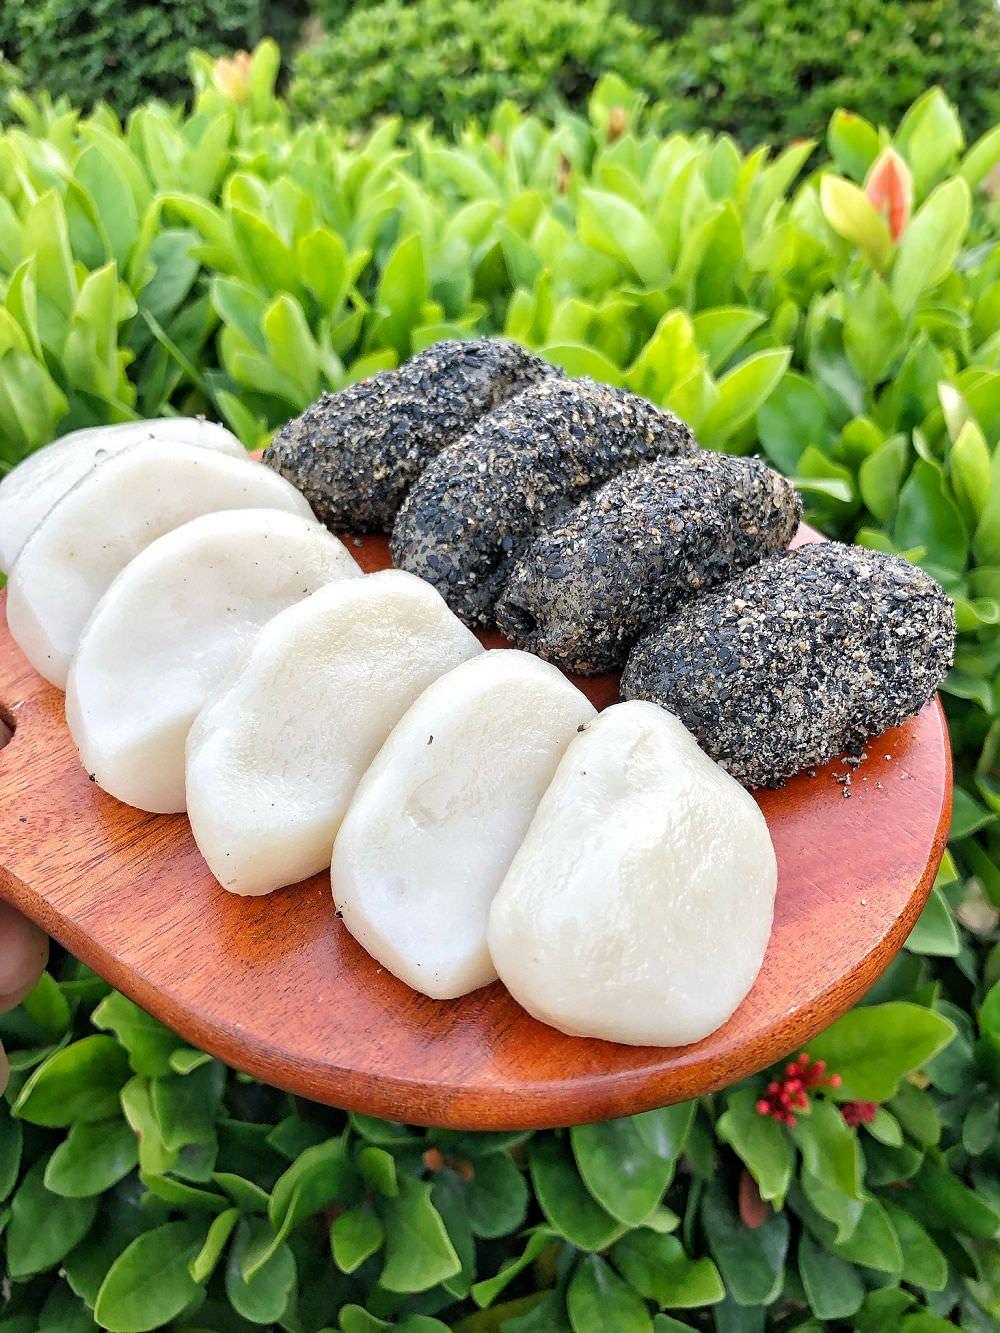 台南小吃【王樓粿品】崇義黃昏市場內的古早味 賣著麻糬/紅龜粿/菜燕/雙糕潤等等傳統點心